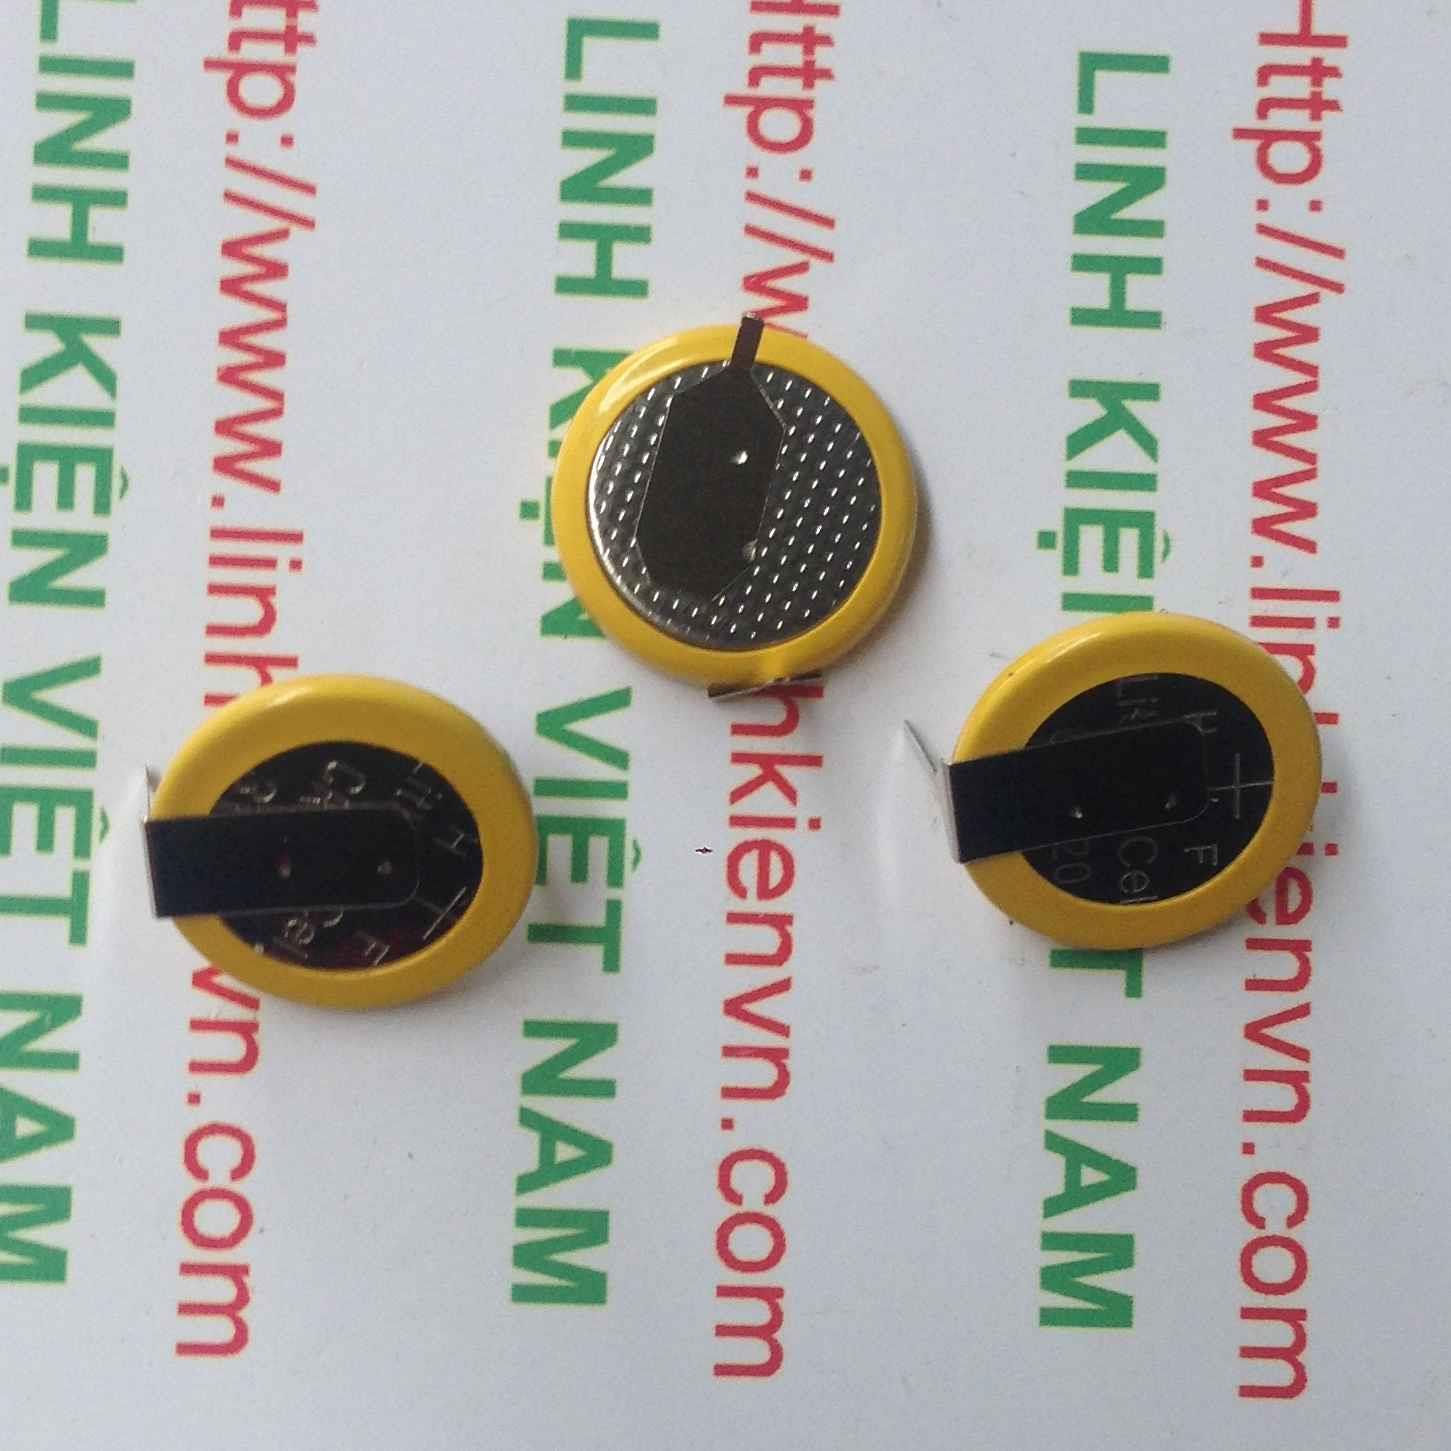 PIN VÀNG CR1220 2 CHÂN - A6H8